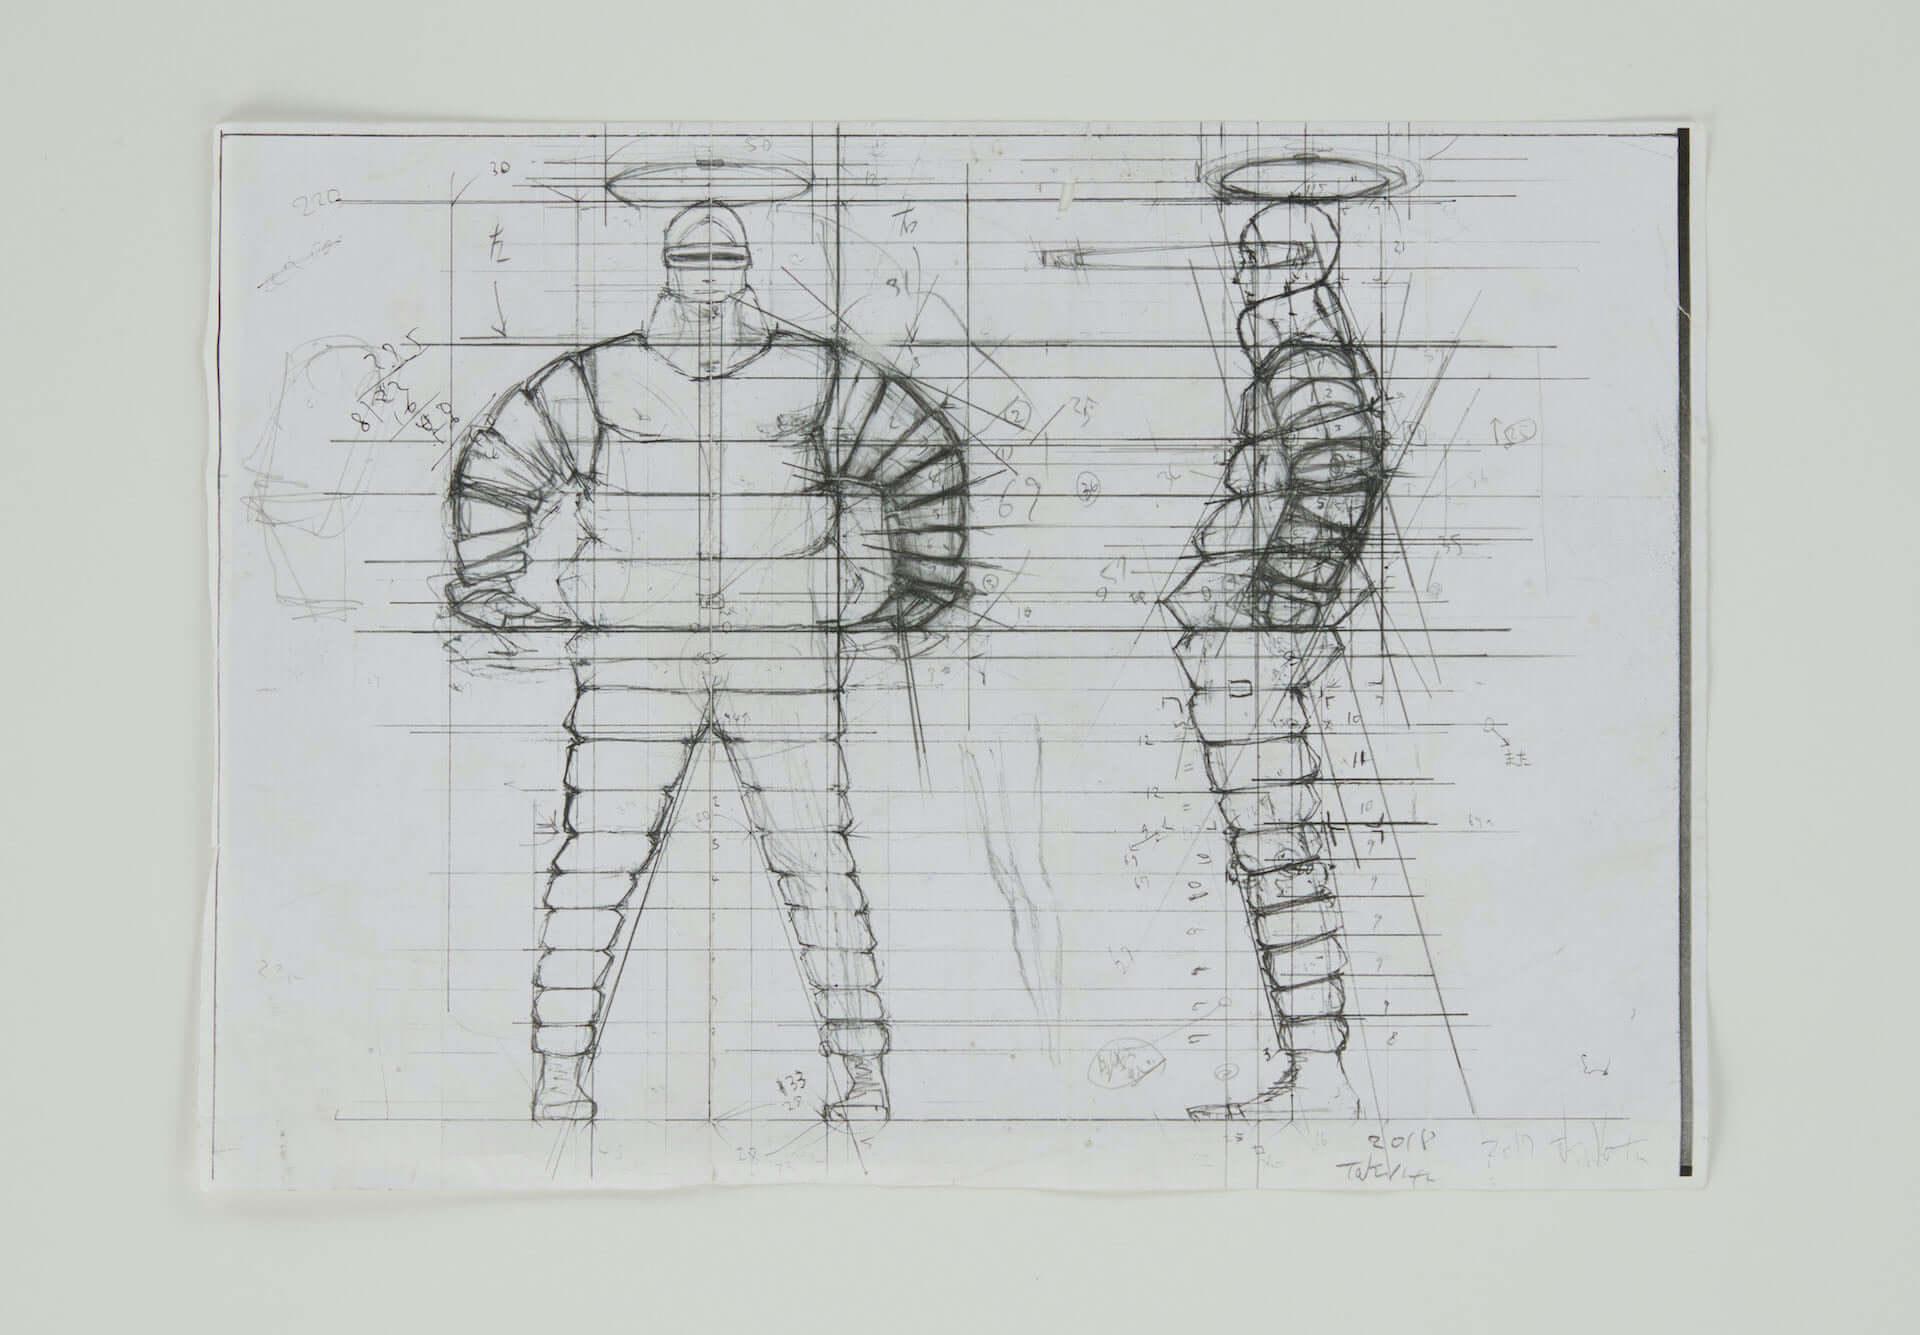 彫刻家・小畑多丘による初の作品集『Spectrum of the Move』が刊行決定!京都「haku kyoto」では記念の個展も開催 art201118_taku-obata_11-1920x1335